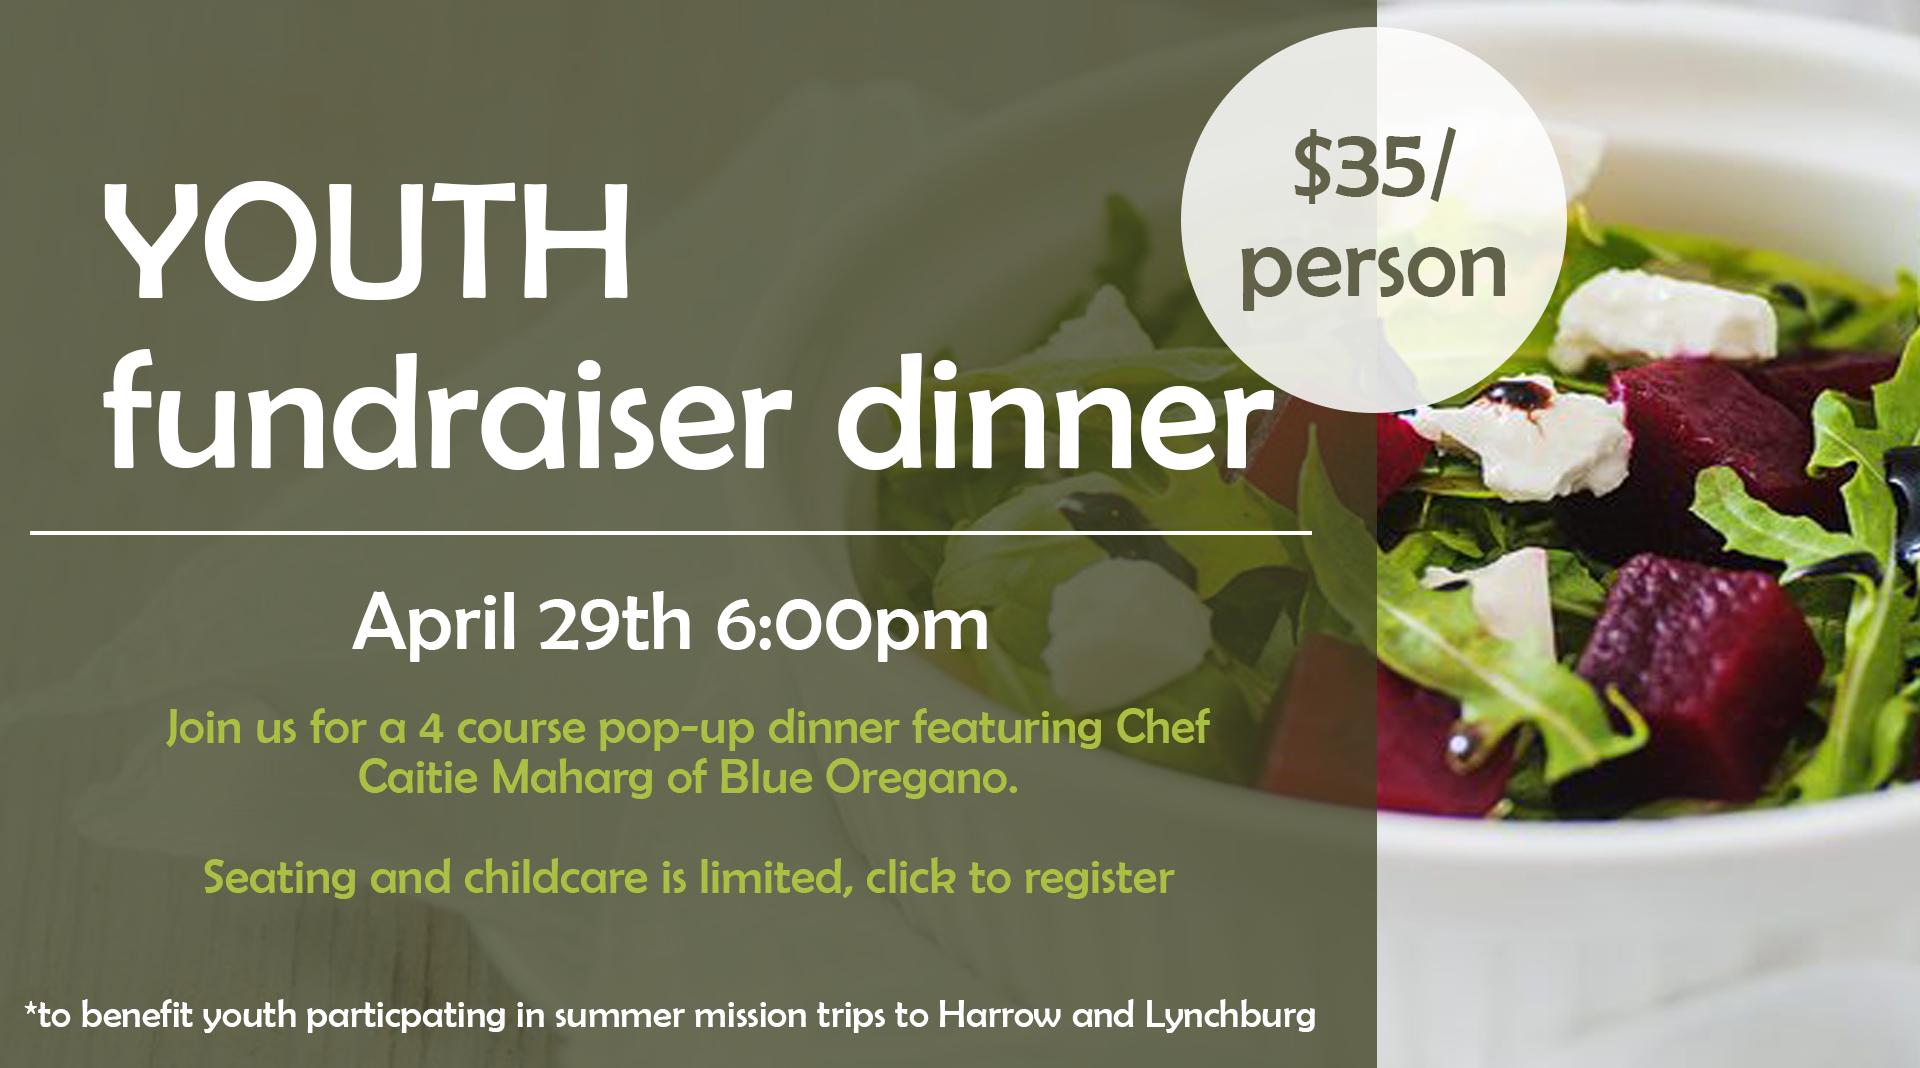 Fundraiser dinner click